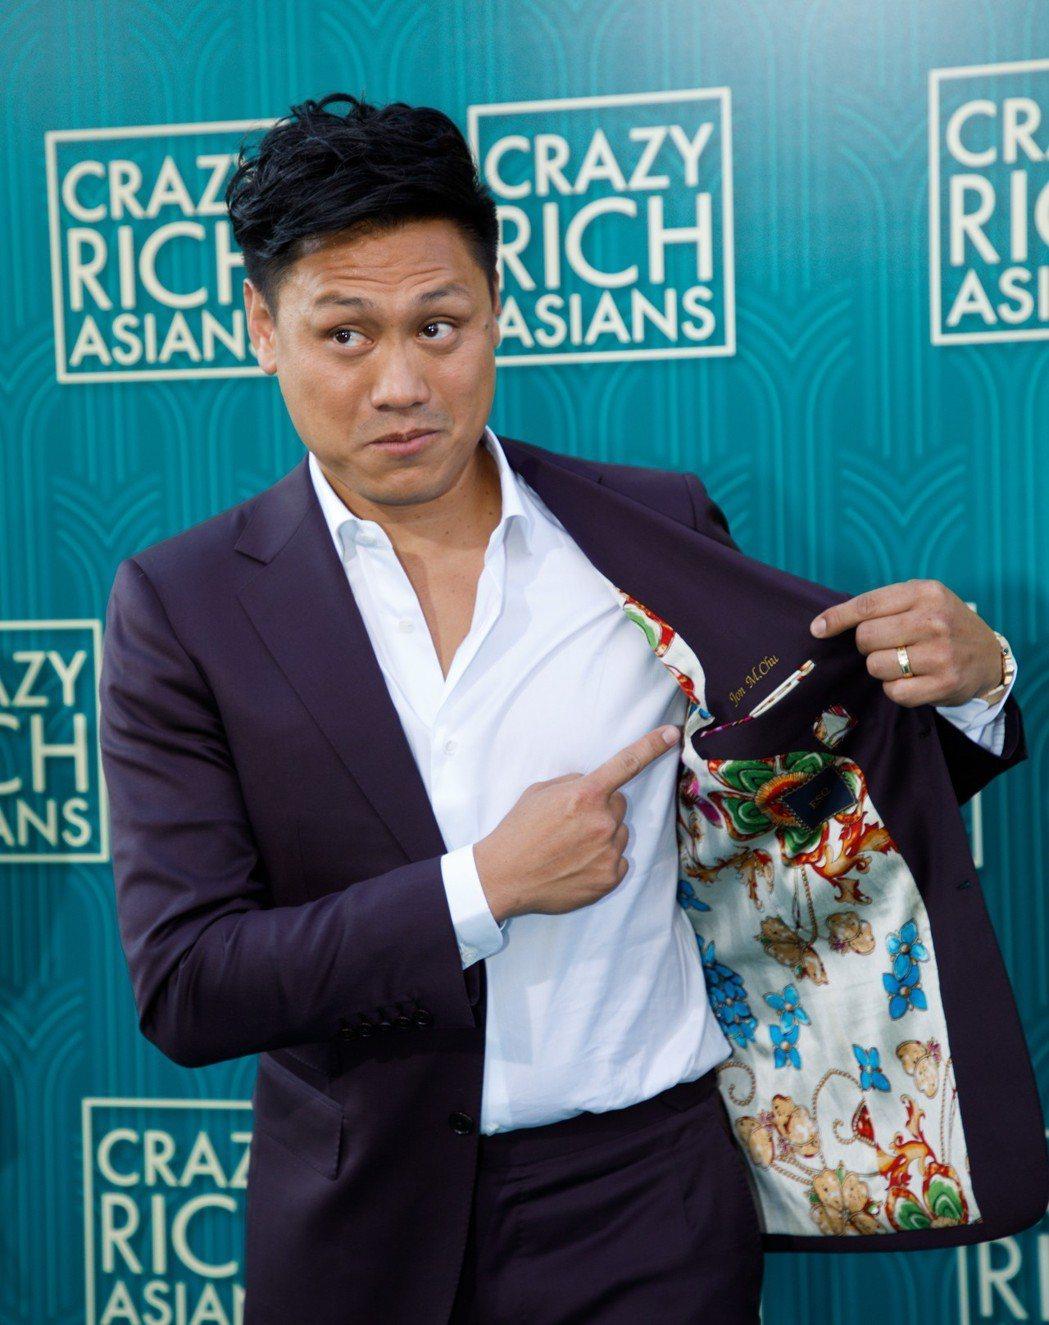 批評者稱瘋狂亞洲富豪不是拍給亞洲人看,而是搏西方人眼球。圖/歐新社